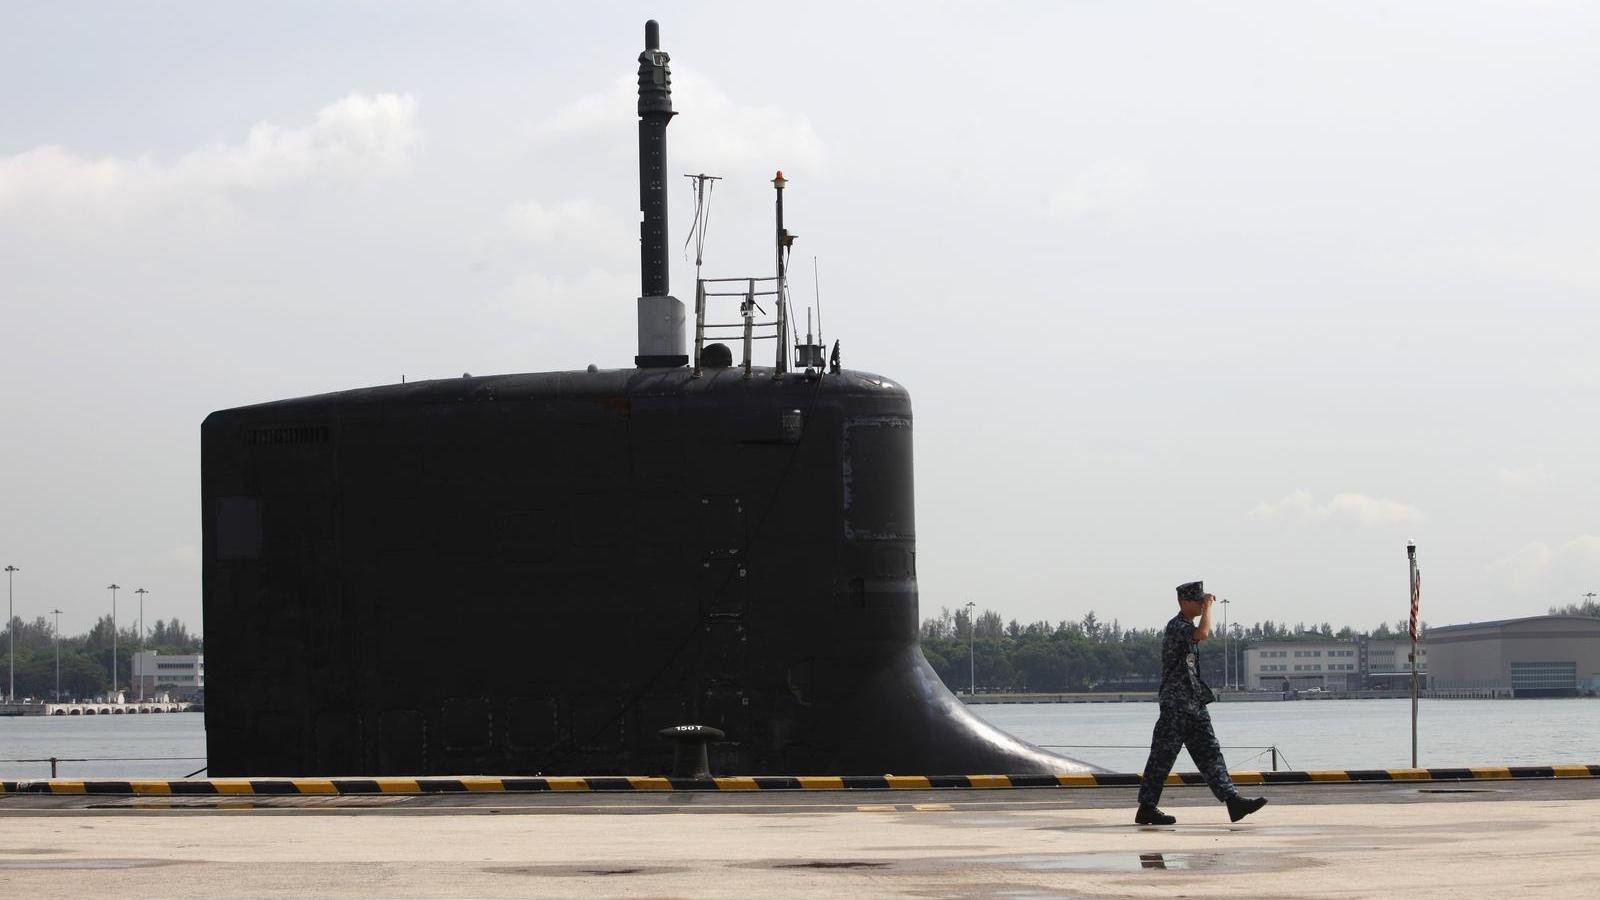 AUKUS làm dịch chuyển cán cân quân sự khu vực, Trung Quốc sẽ làm gì tiếp theo?